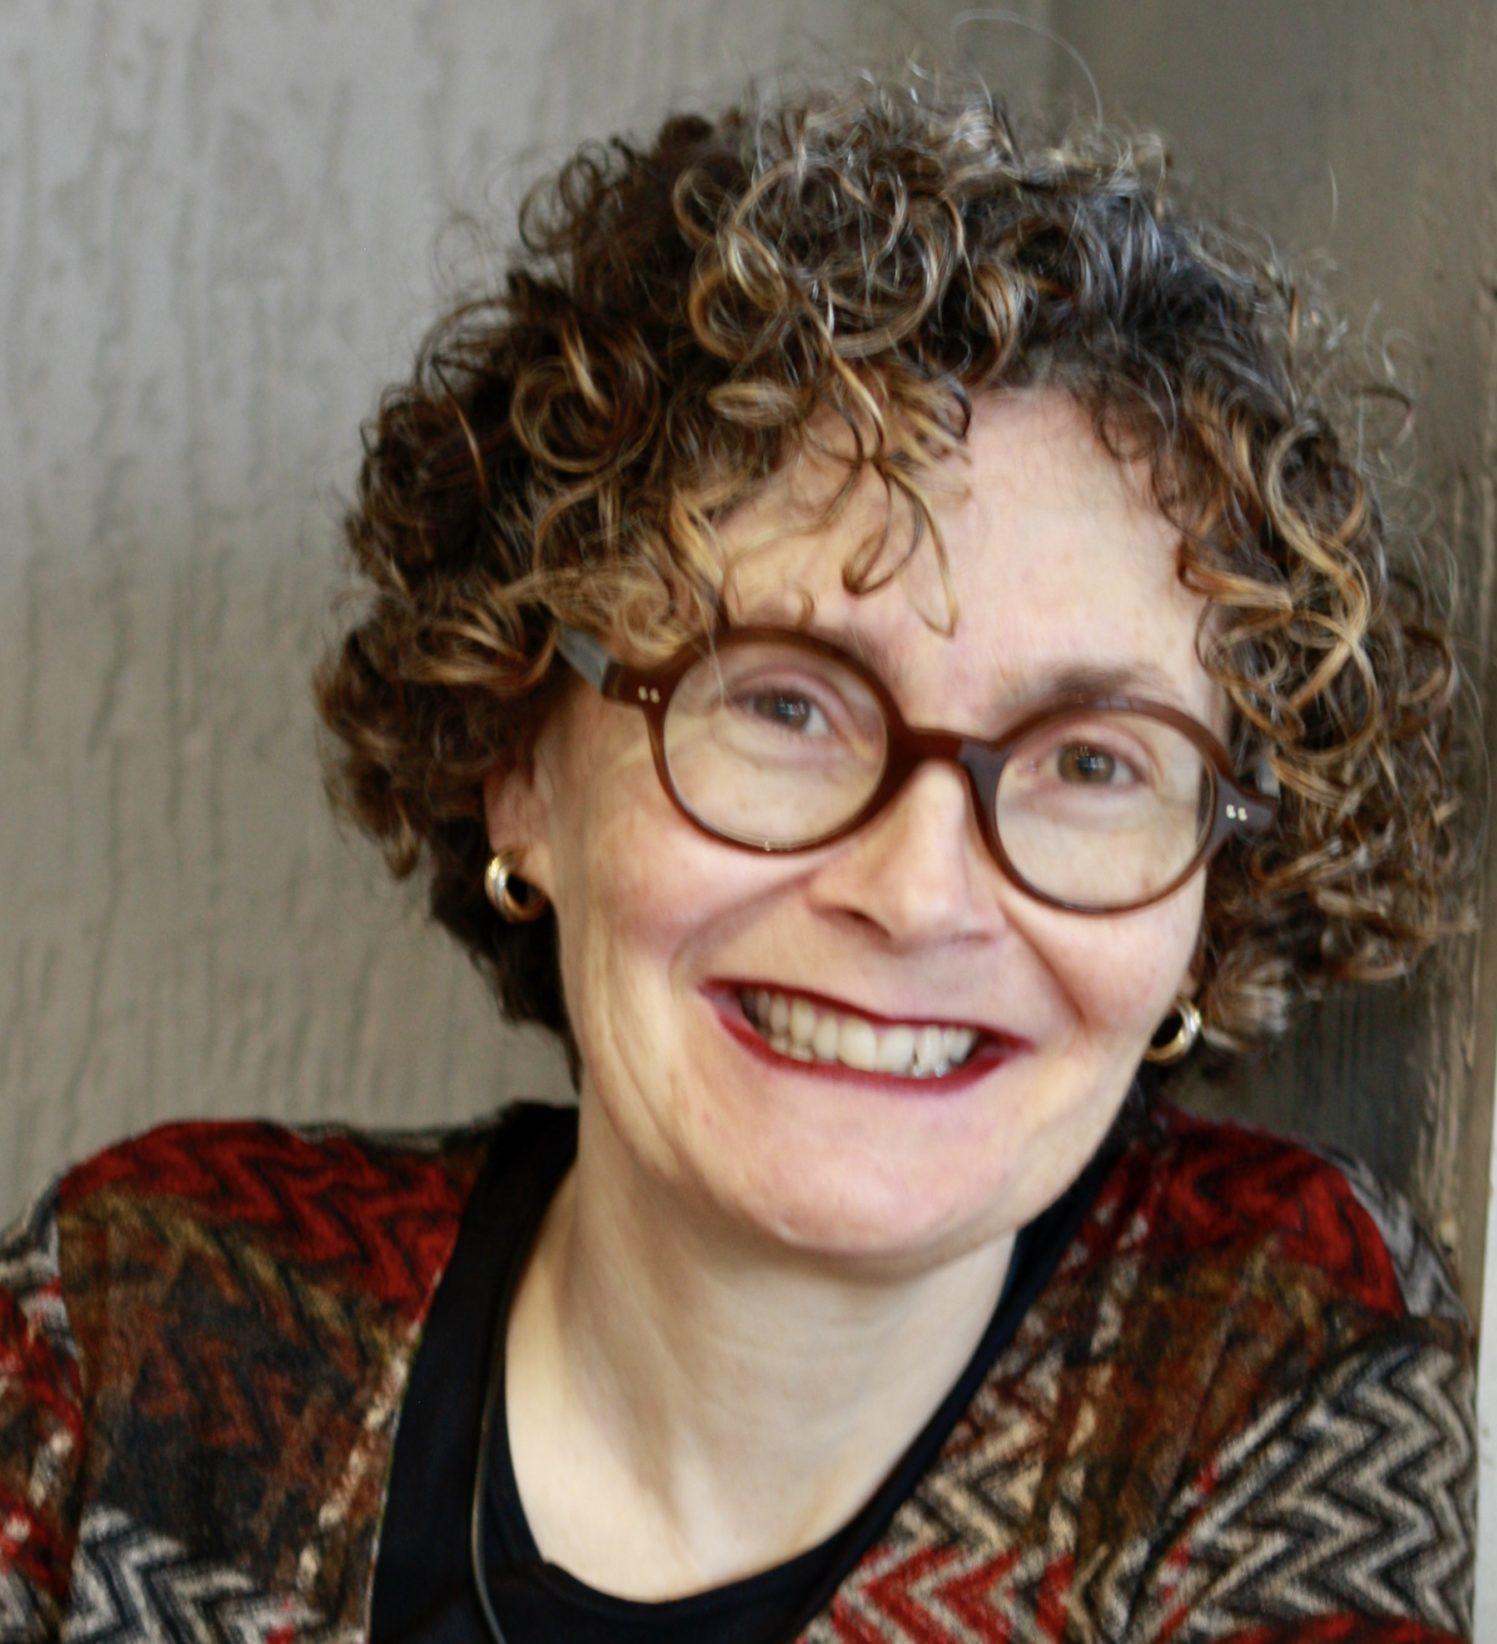 Author Kim Rubenstein